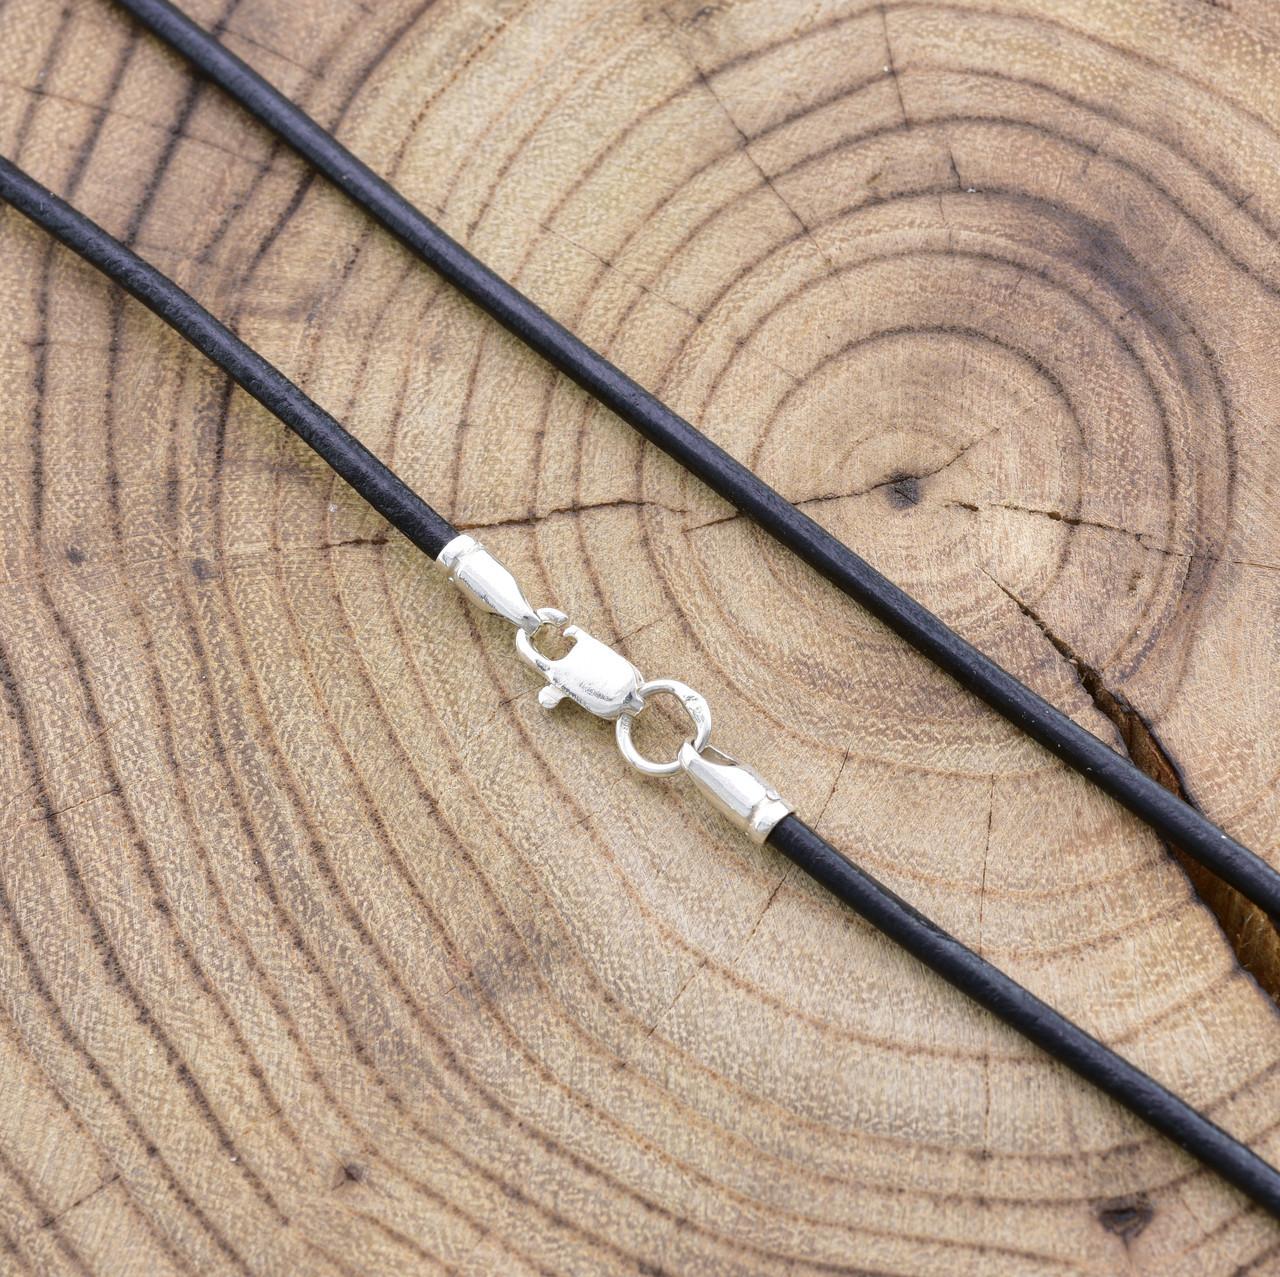 Шнурок кожаный цвет черный длина 50 см ширина 2 мм вес серебра 0.7 г